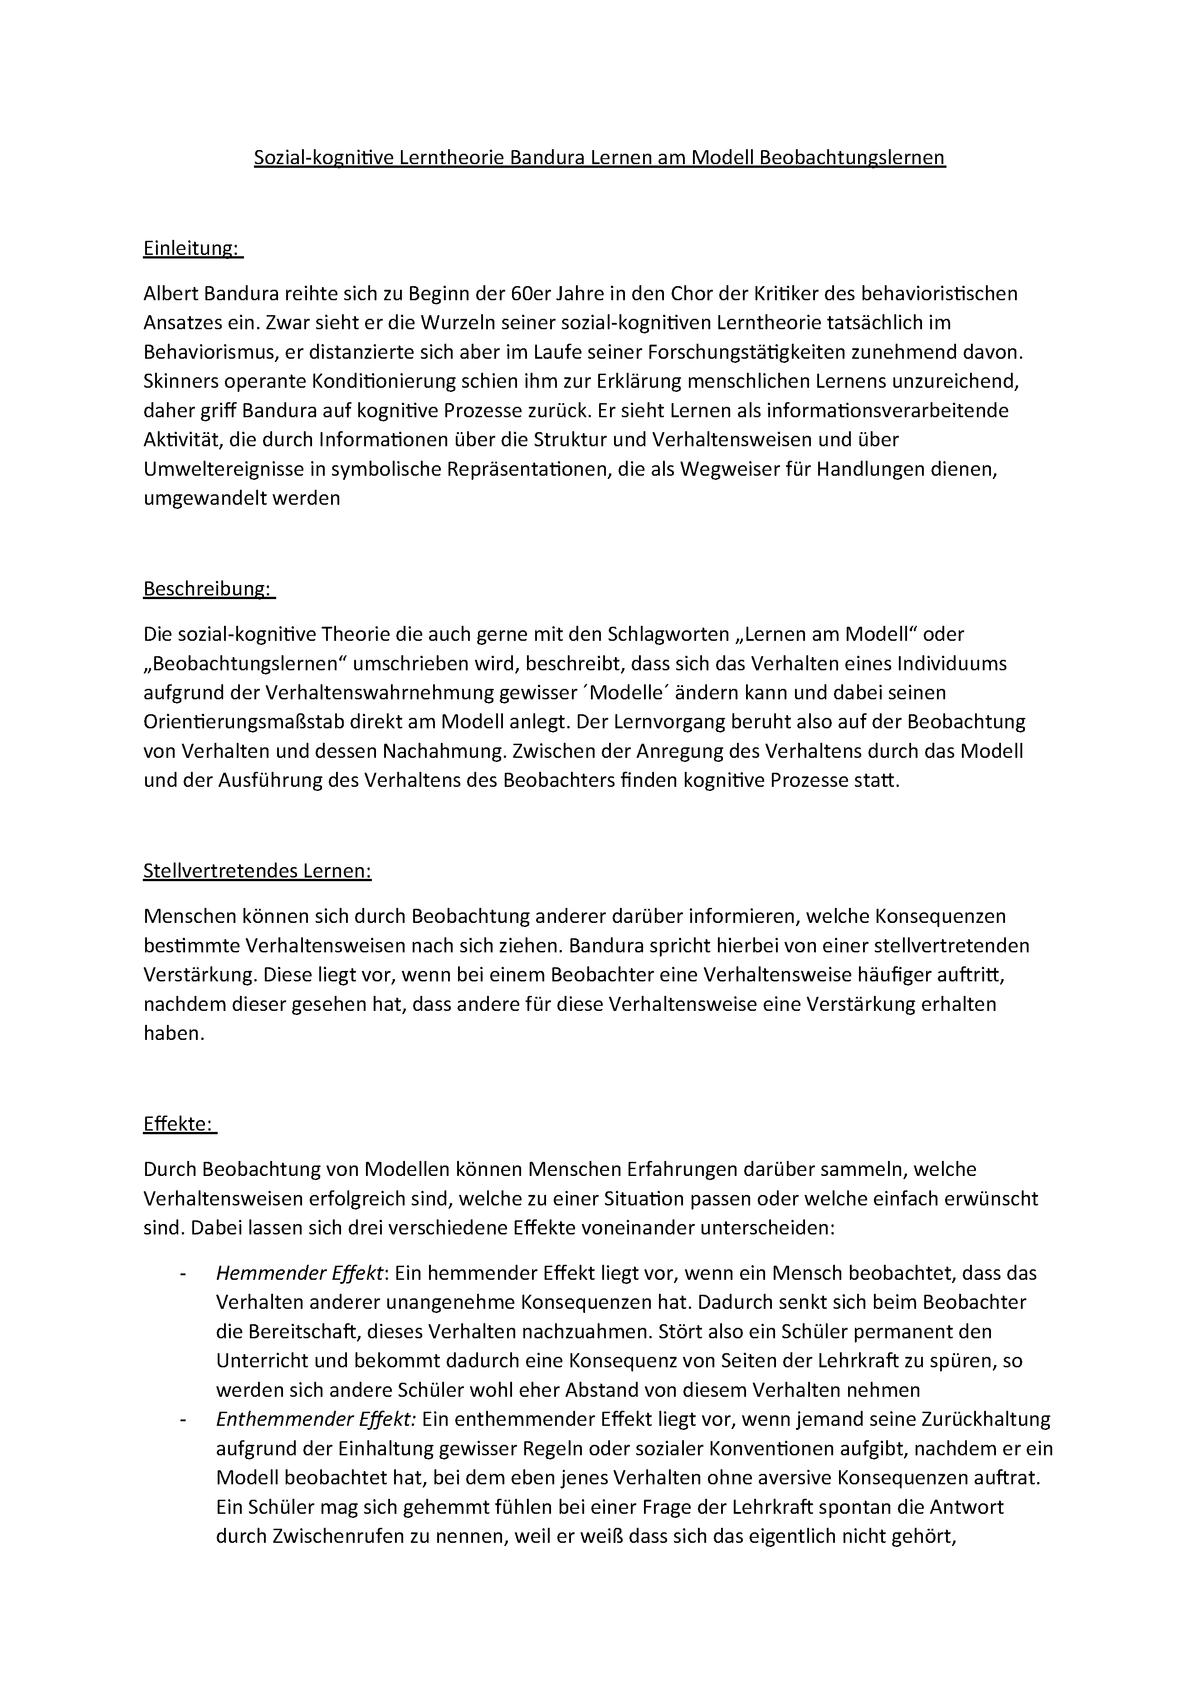 Sozial-kognitive Lerntheorie Bandura Lernen am Modell ...